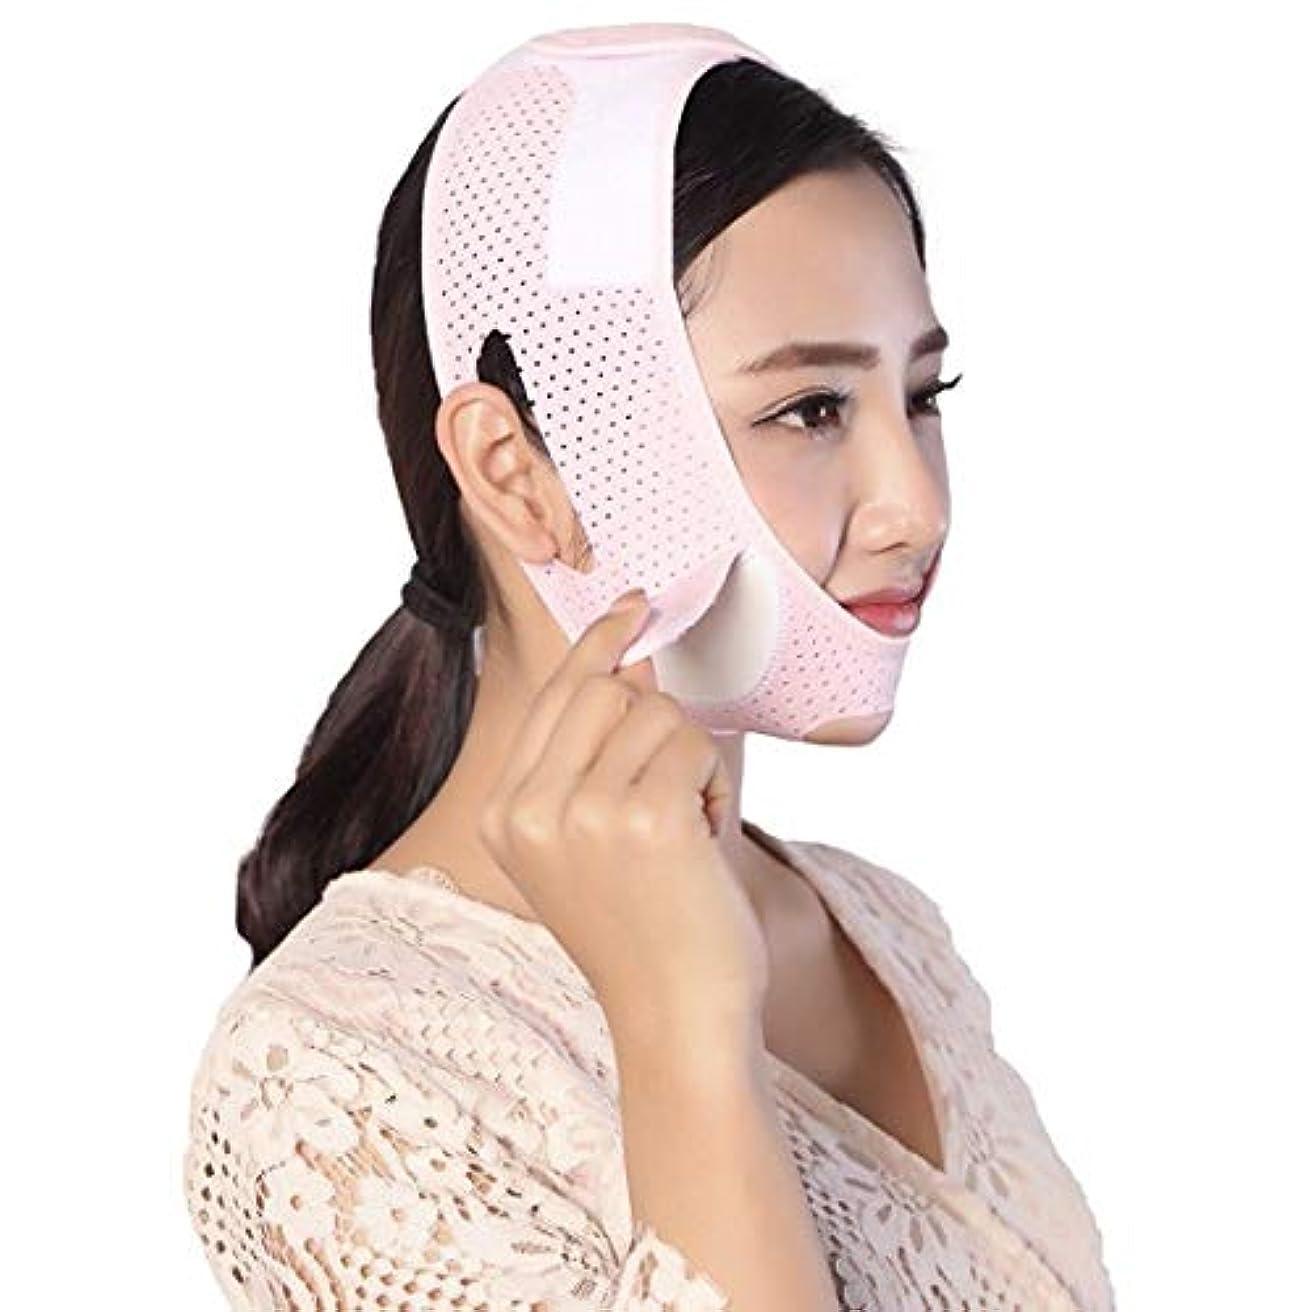 略す規定視線ZWBD フェイスマスク, フェイスリフティングベルトリフティングVフェイスライン包帯フェイシャル引き締め二重あごの法則睡眠マスク通気性